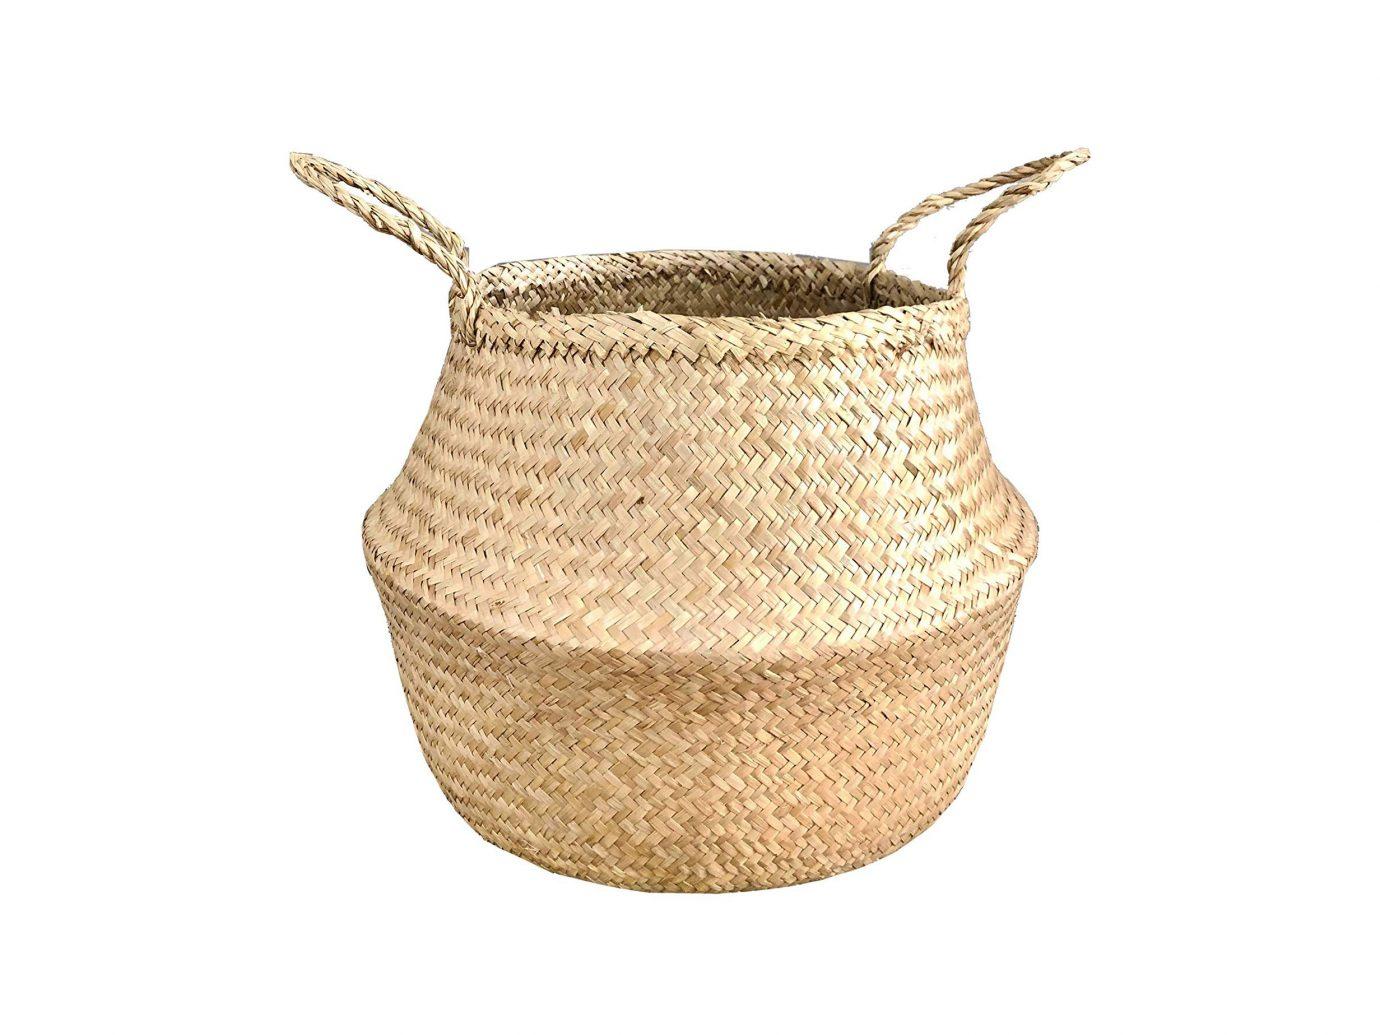 Bambiso Woven Seagrass Basket